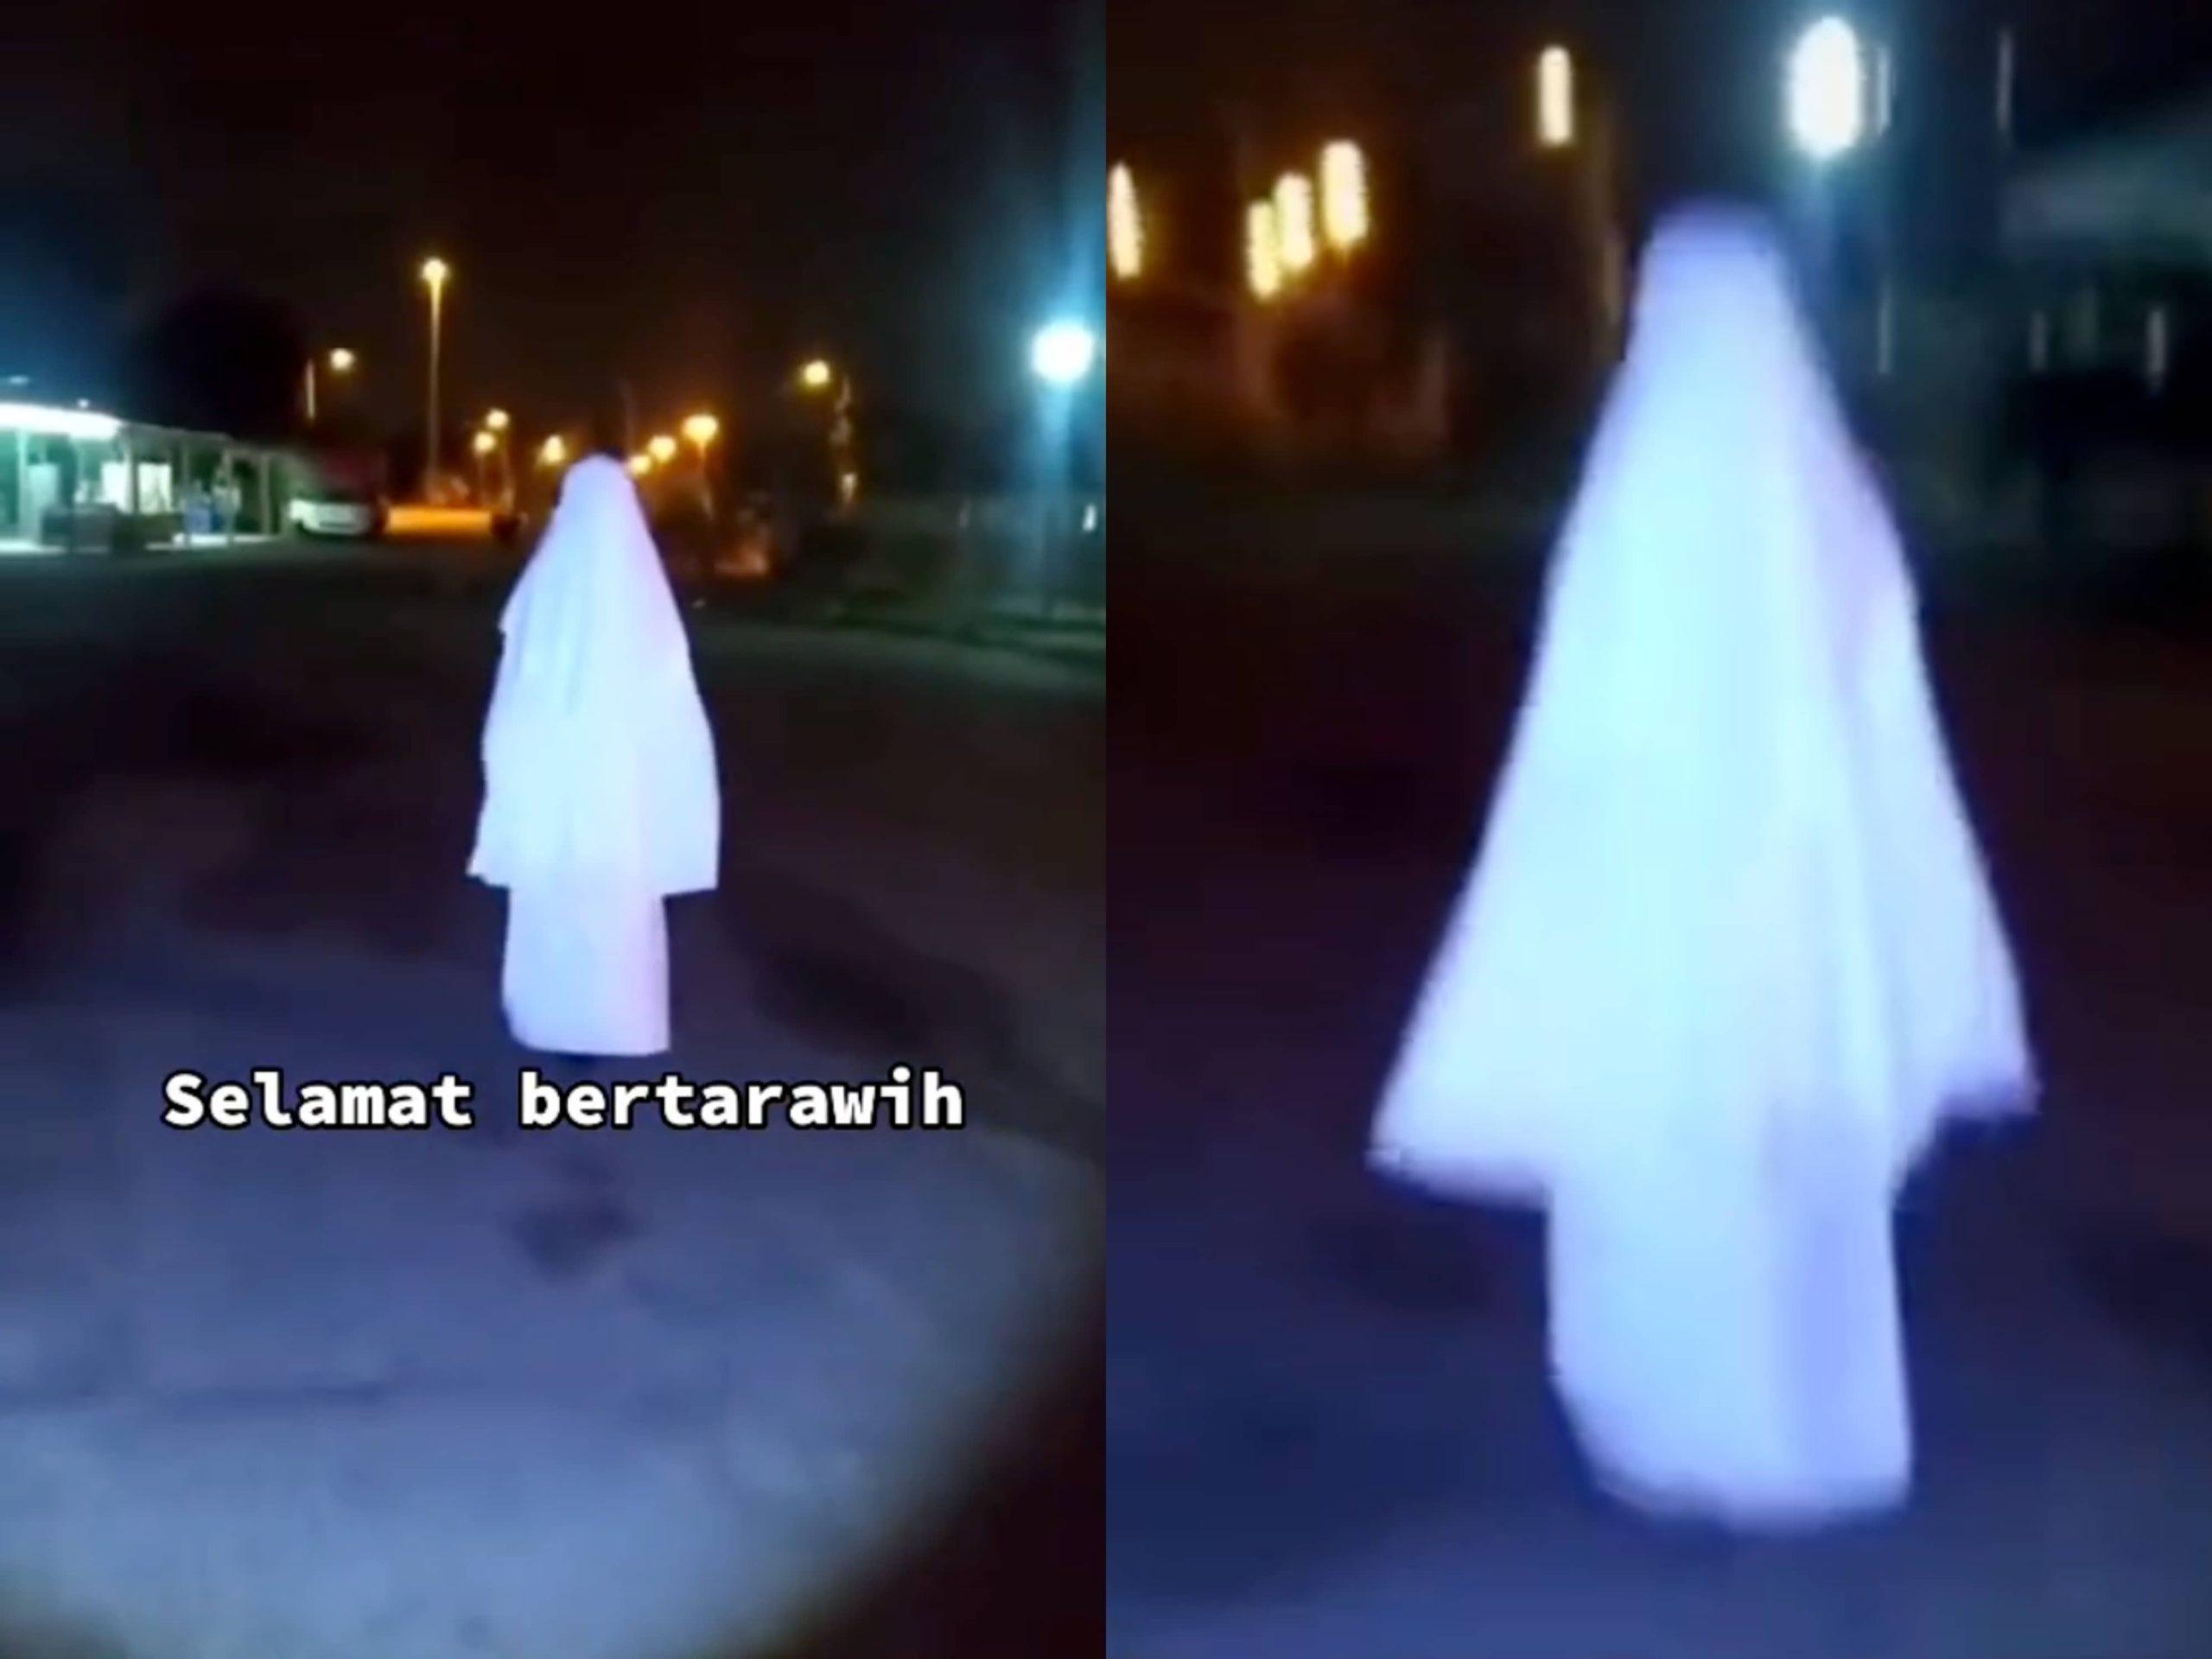 Makcik Pergi Tarawikh Naik Skateboard, 'Nak halau orang dari masjid ke?'